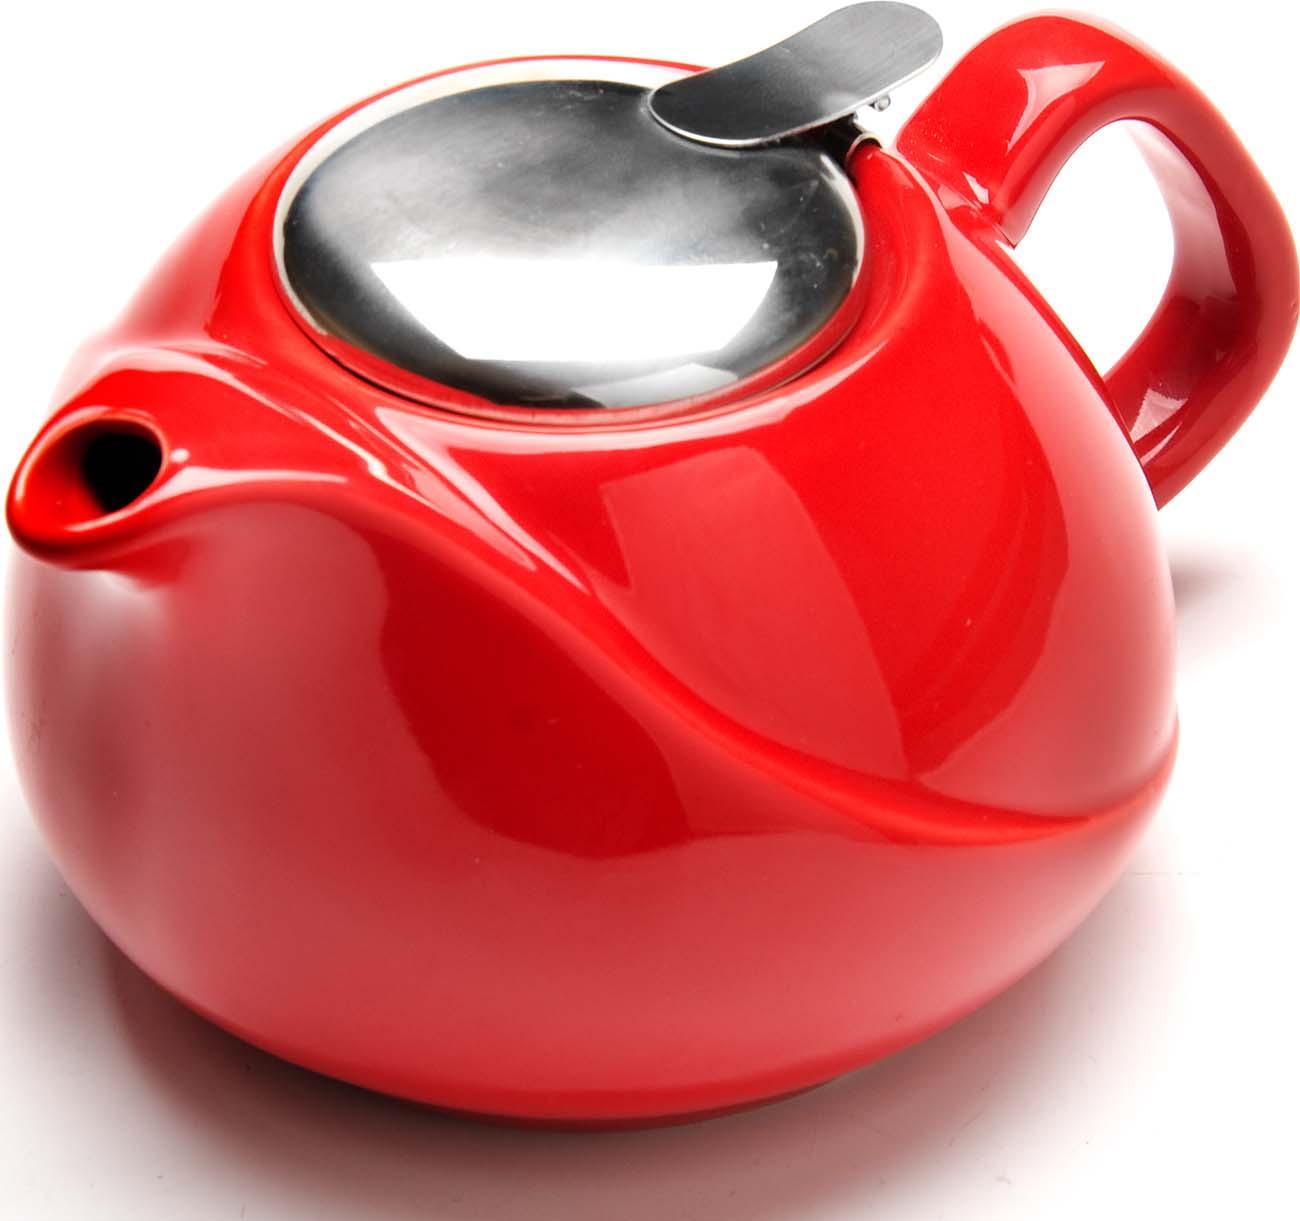 купить Чайник заварочный Loraine, цвет: красный, 750 мл по цене 559 рублей